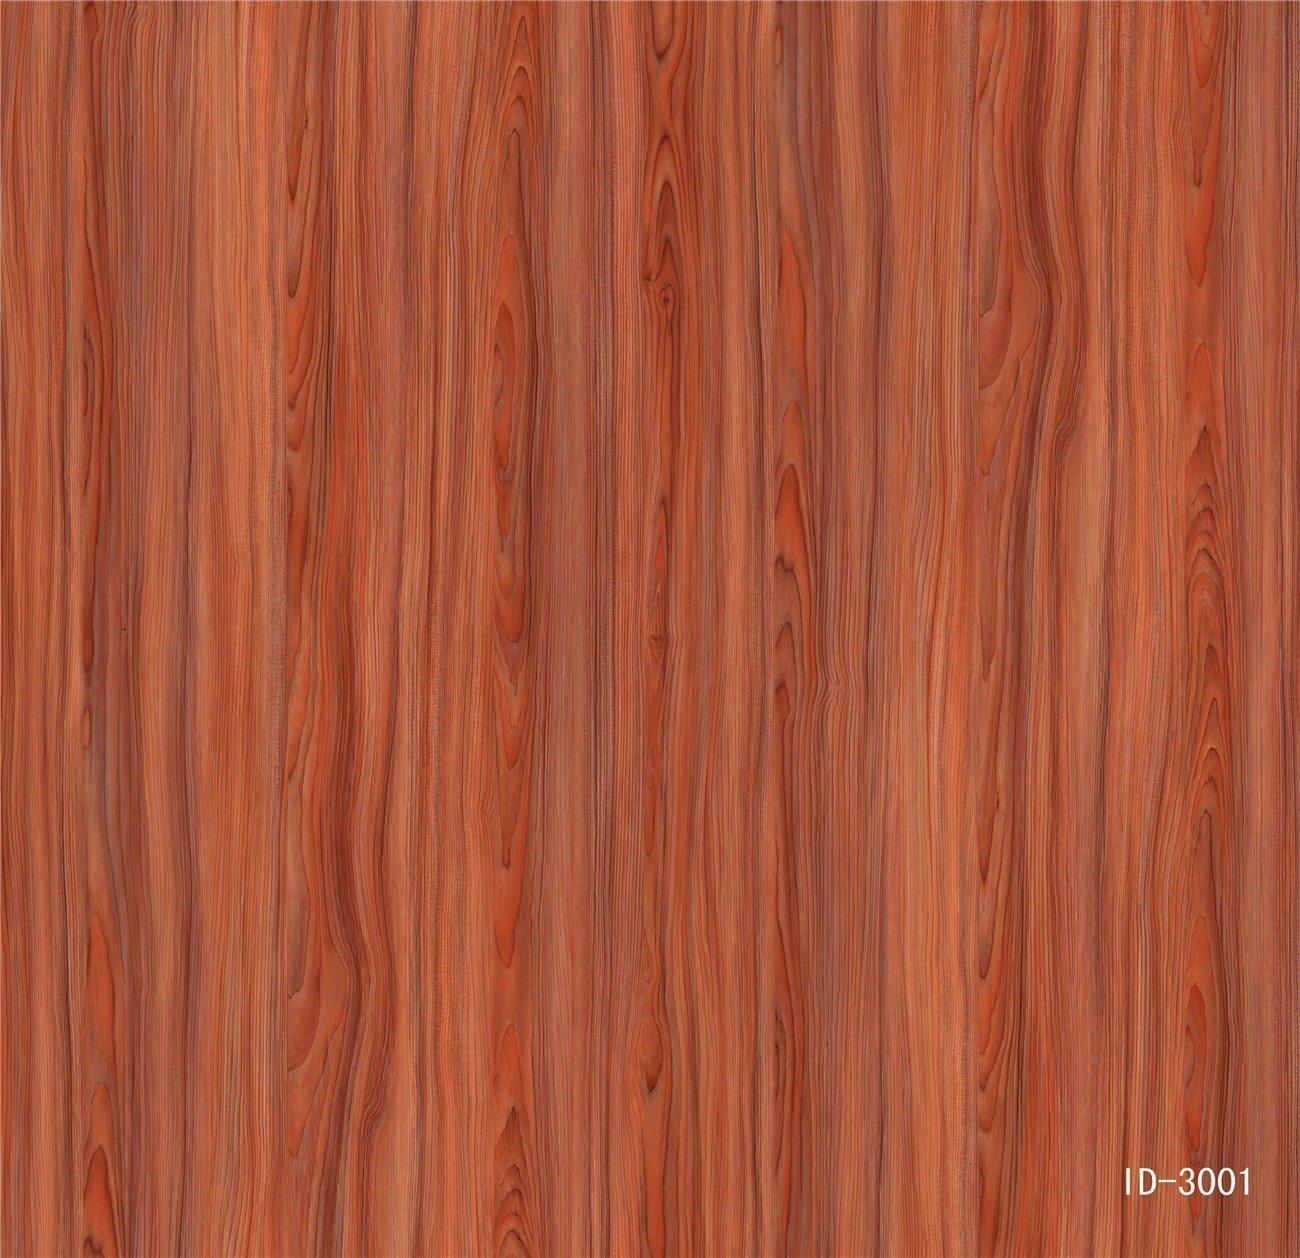 I.DECOR good quality walnut melamine fruit for bathroom-1